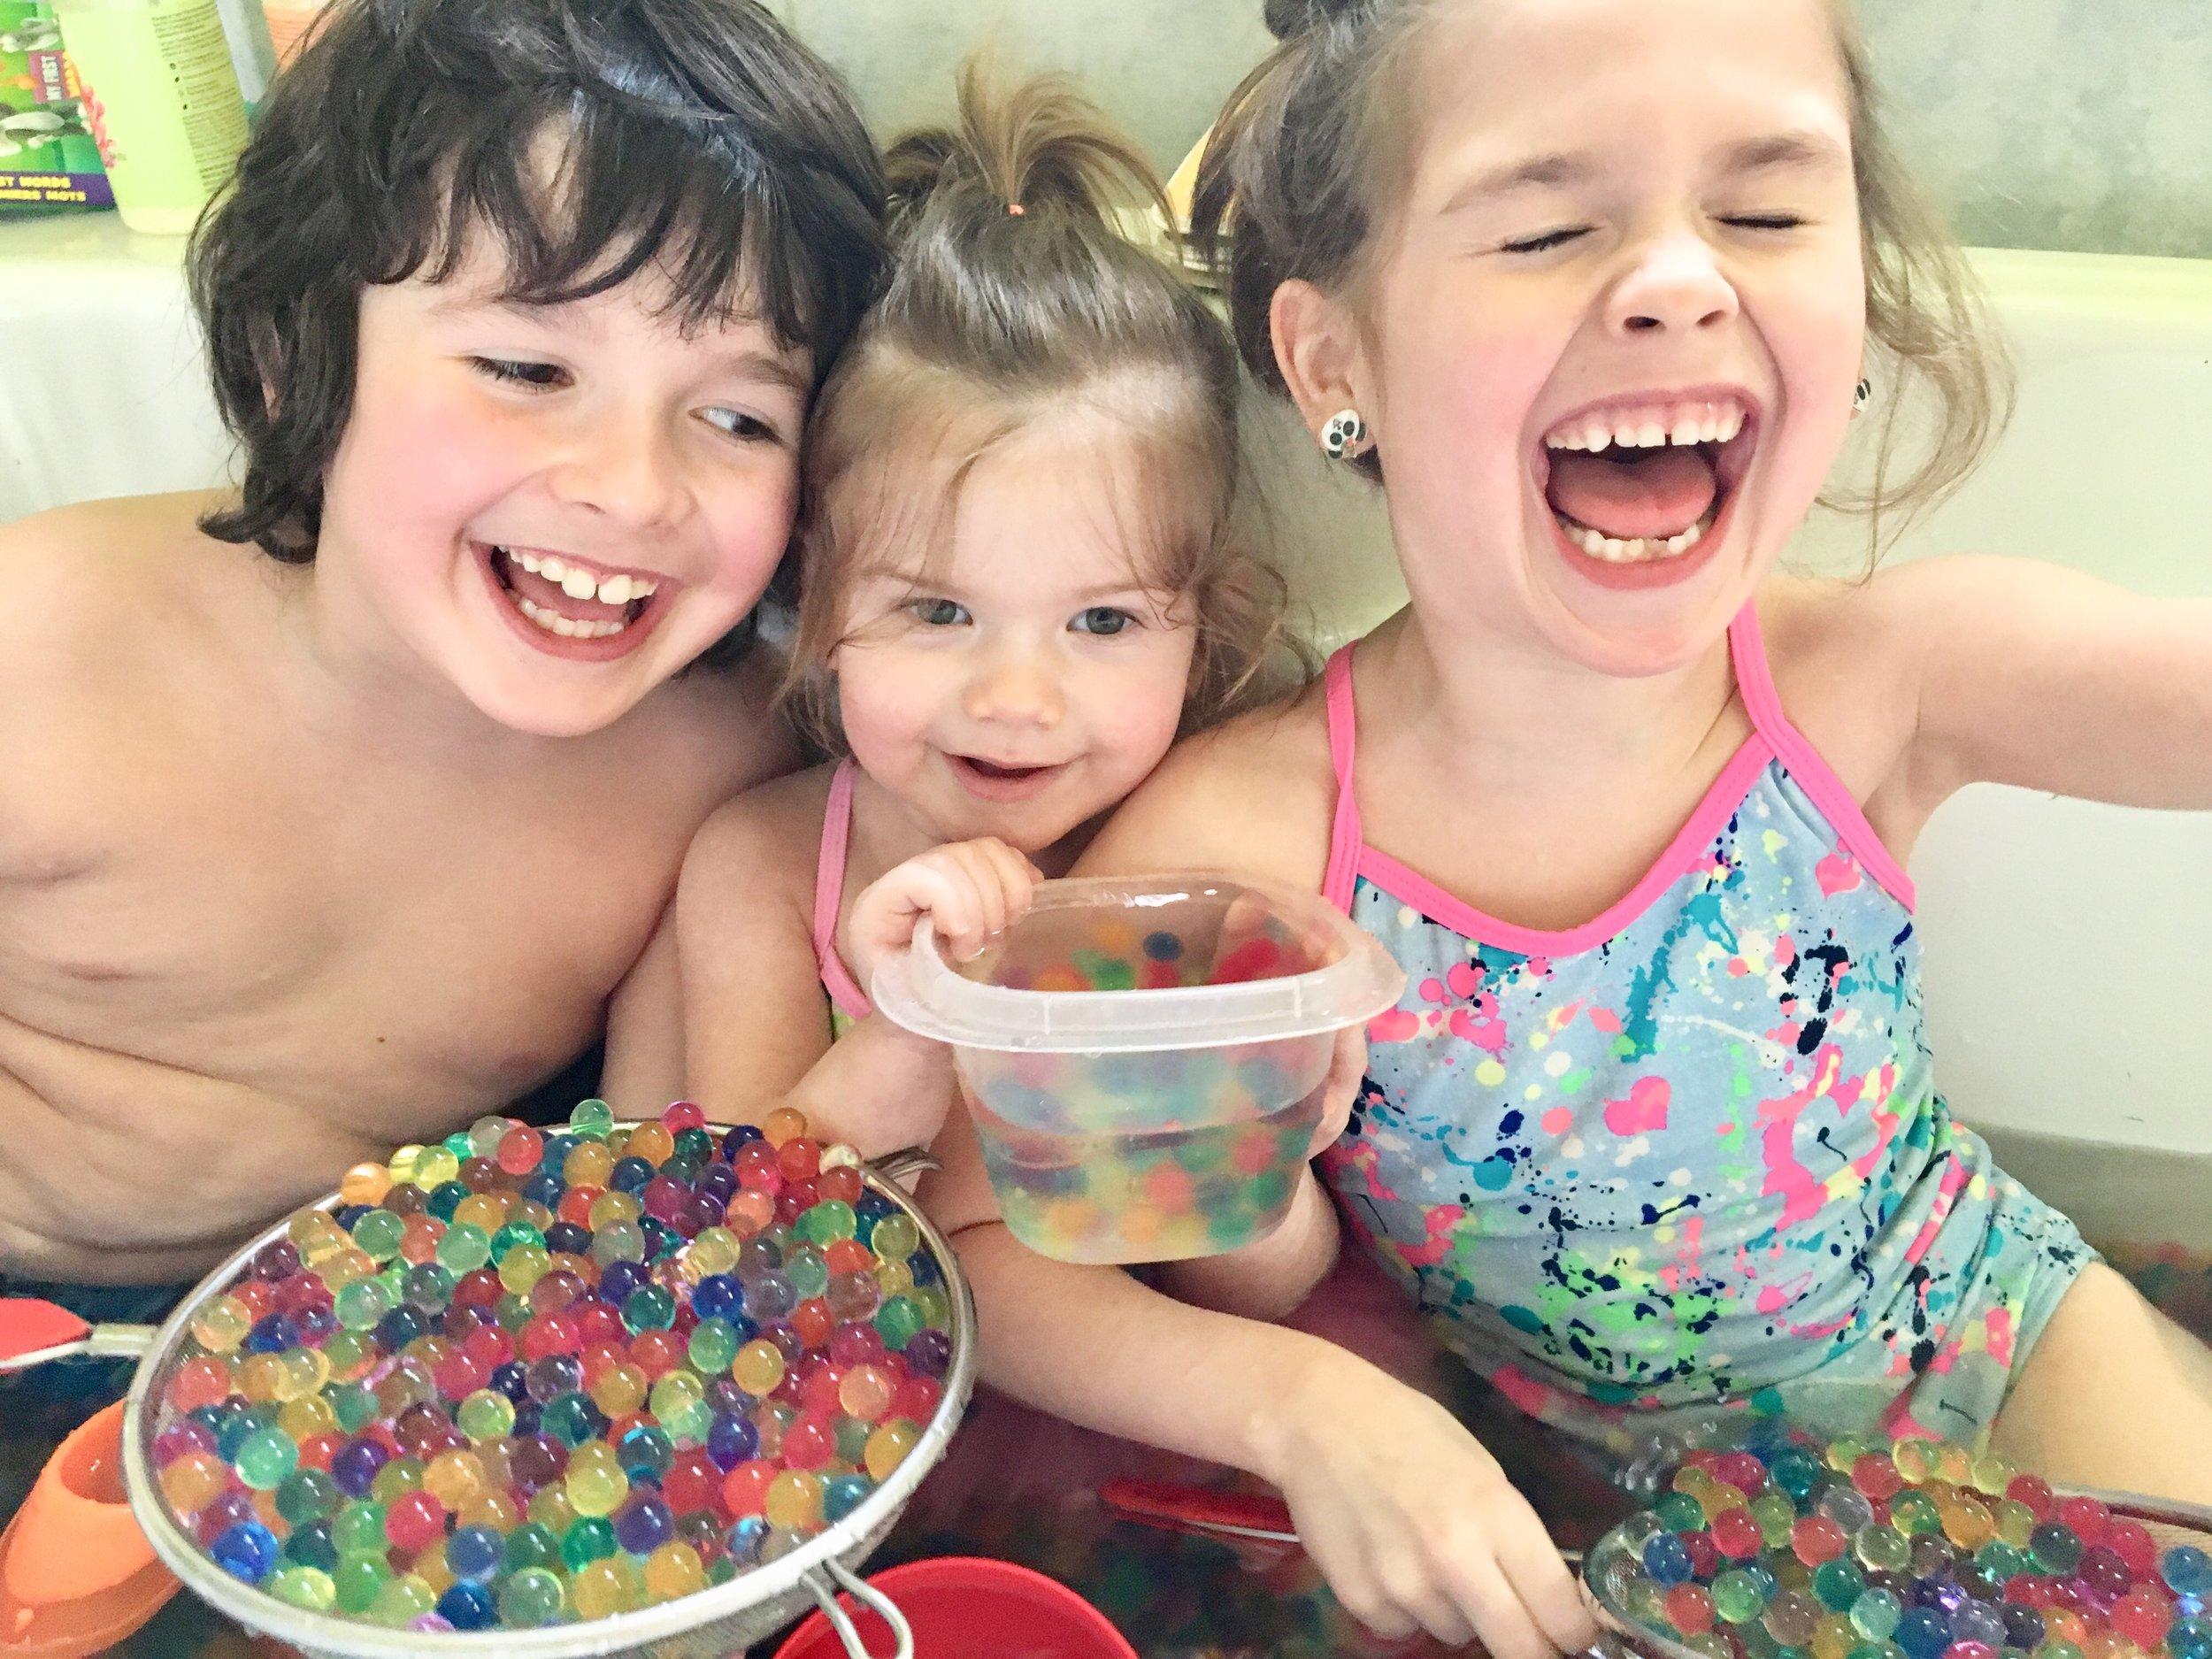 enfant-bonheur-facile-rire-sans-malice-heureuse-spontané-rire